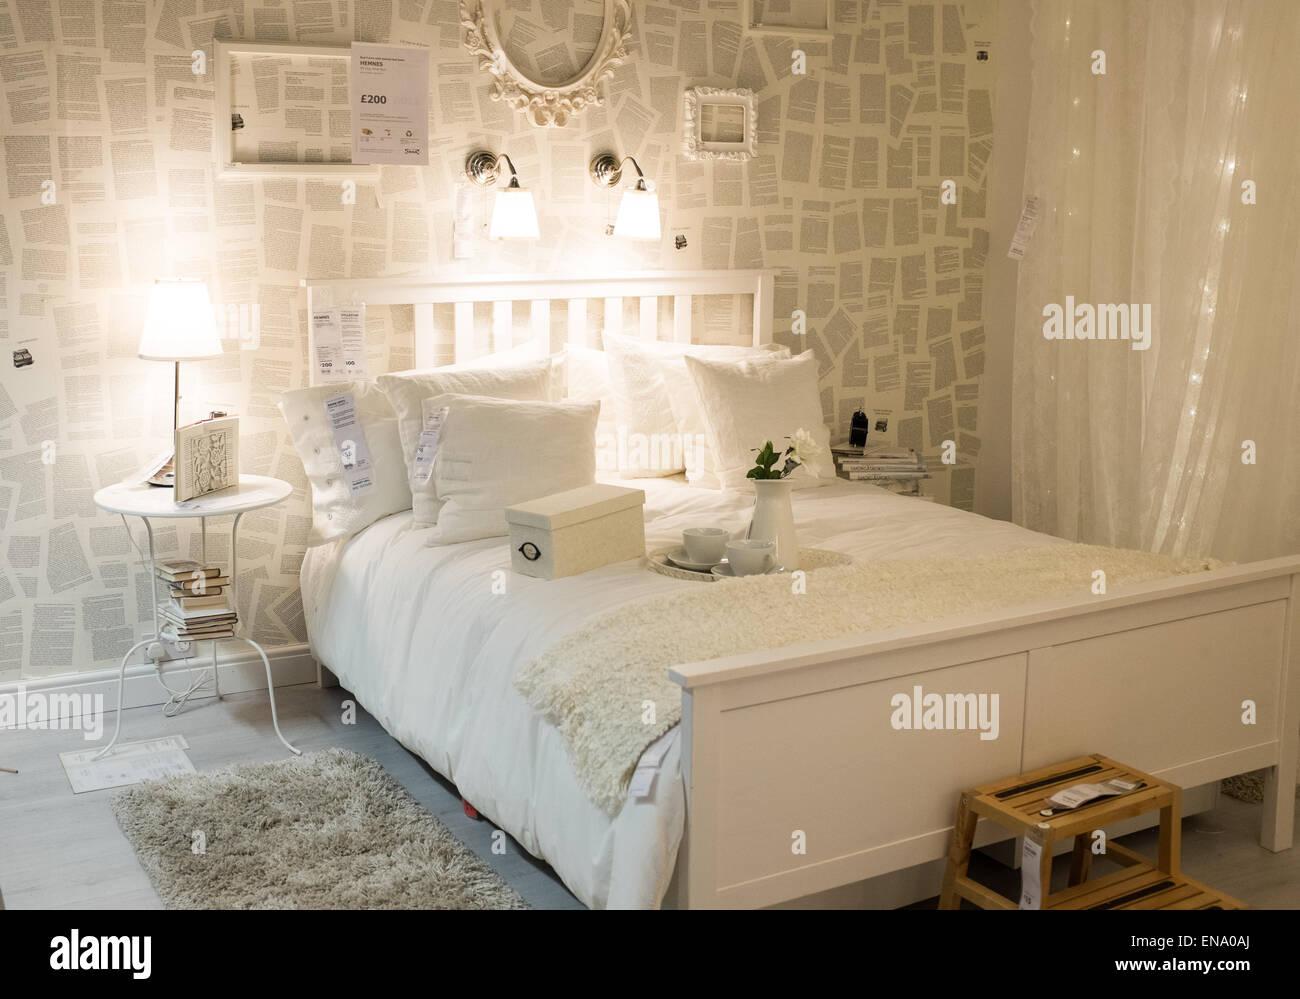 Bett-Anzeige bei Ikea mit Tagesdecke Kissen und Bettdecke Stockfoto ...